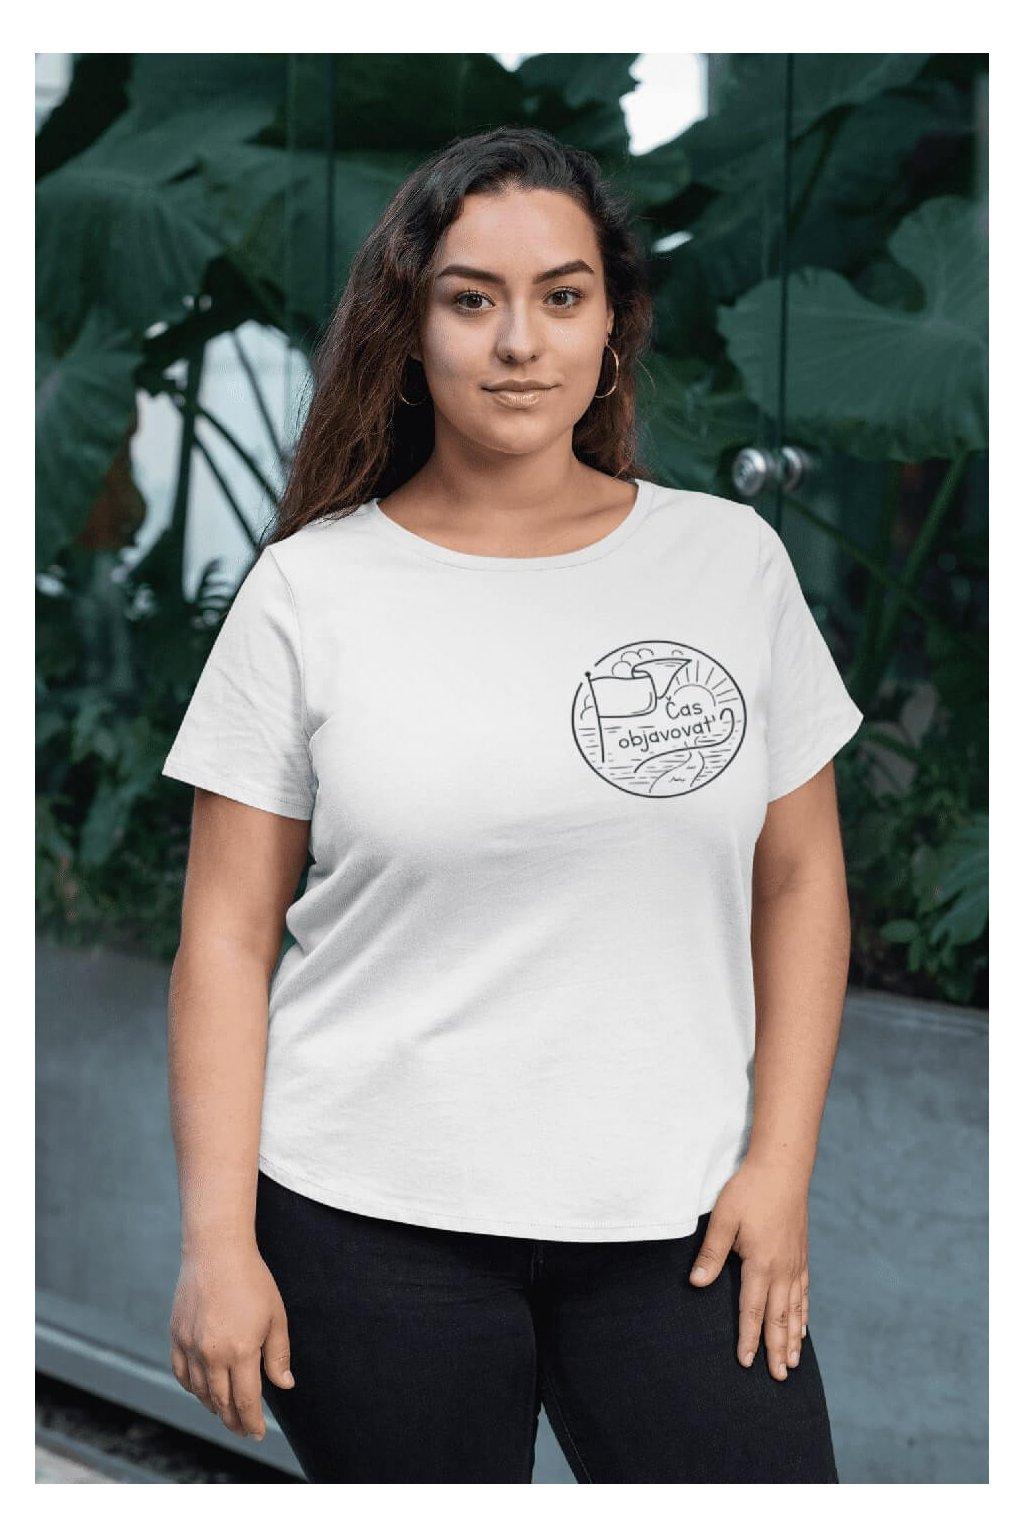 Dámske tričko Čas objavovať